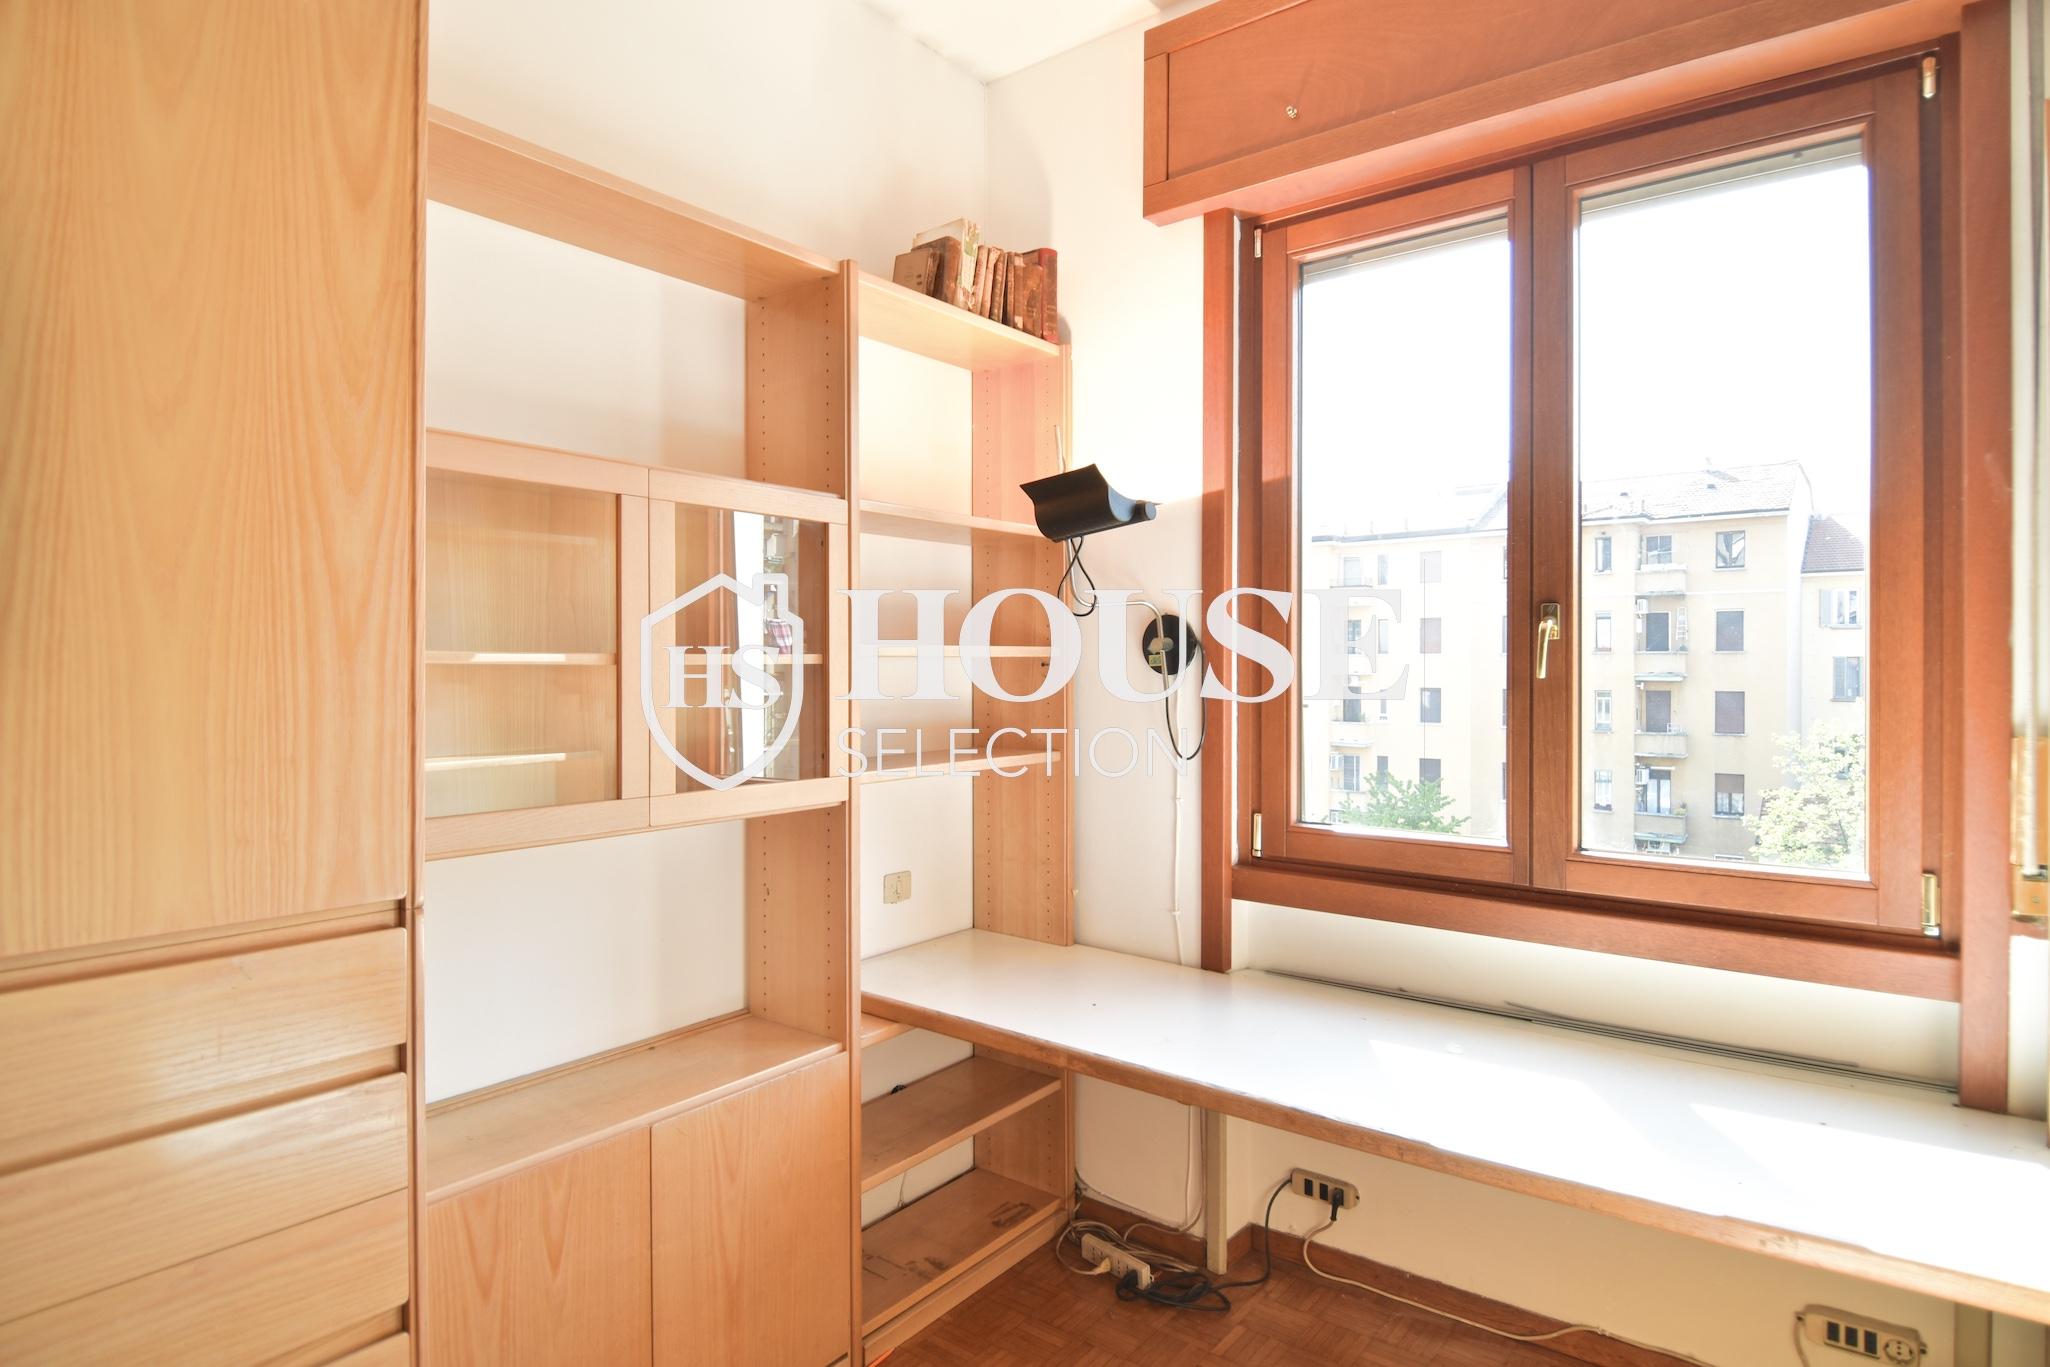 Vendita quadrilocale con balconi, piazza Bolivar, piano alto, luminoso, fermata metropolitana, Milano 6